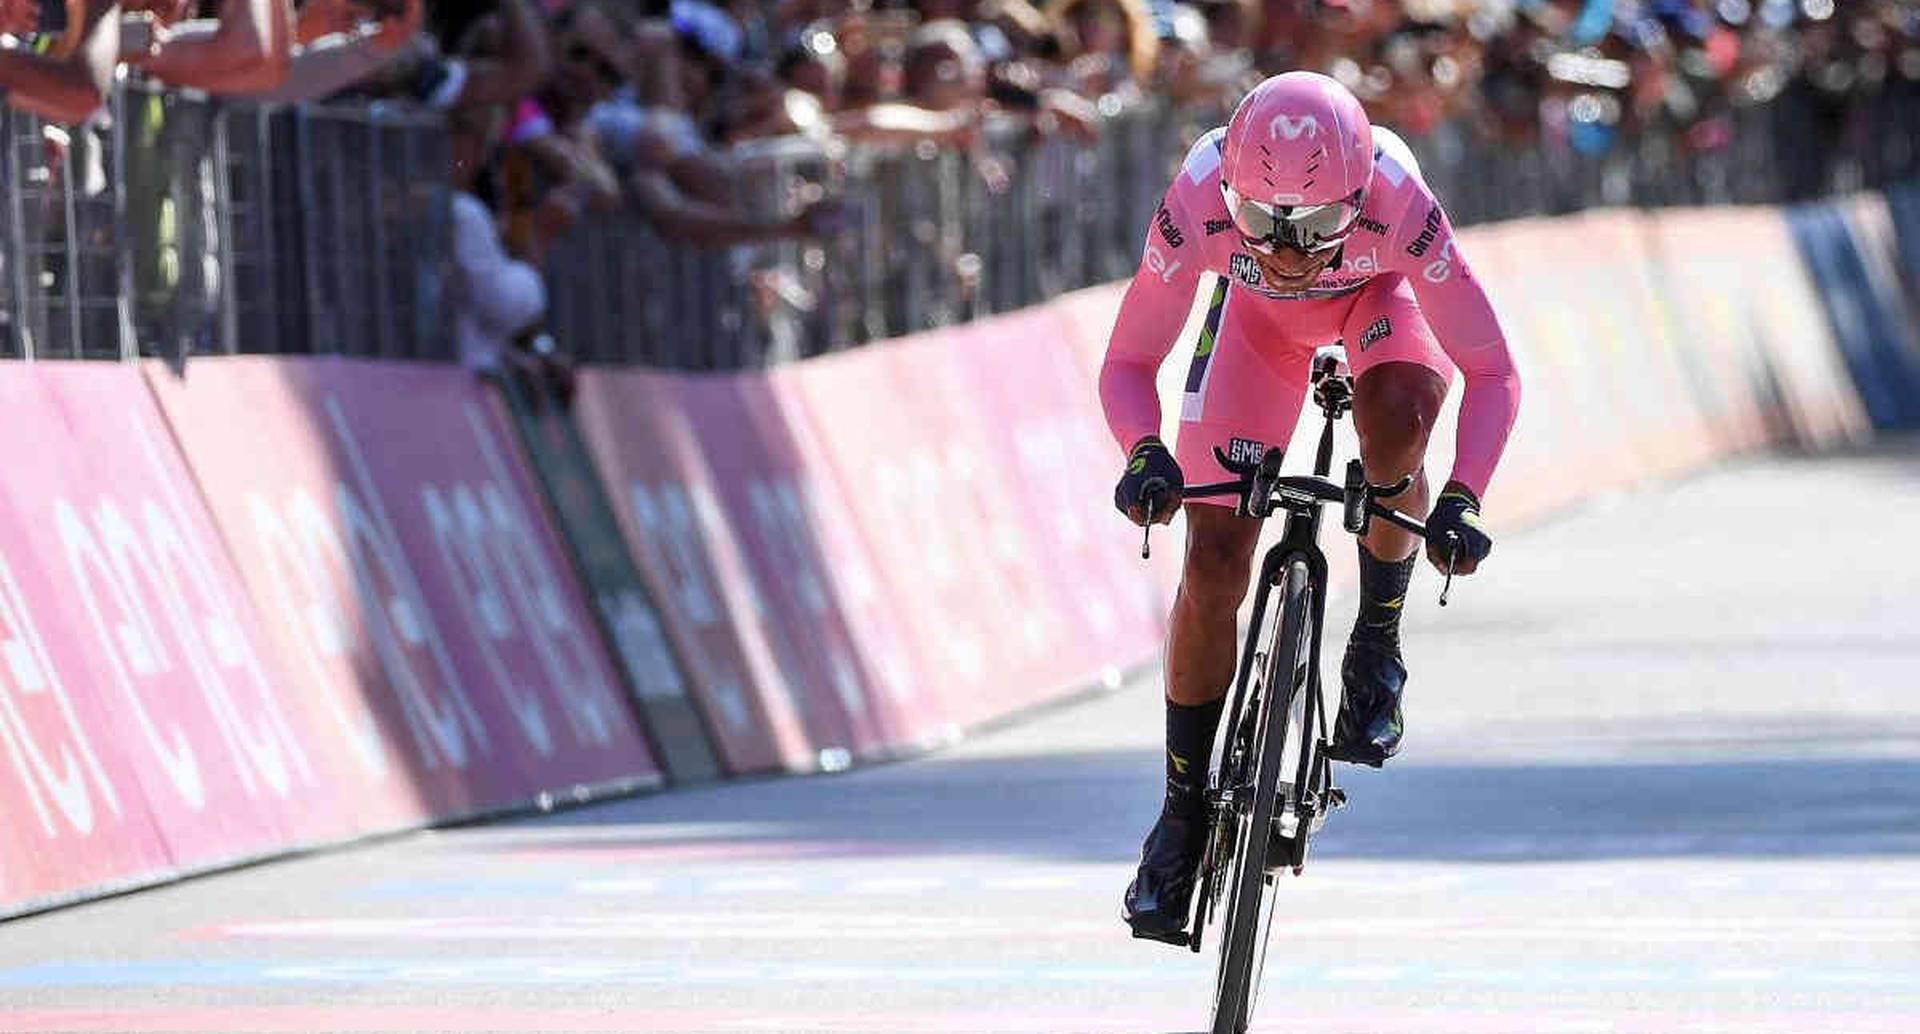 El Nairo Quintana compite durante la décima etapa del Giro de Italia de Foligno a Montefalco, el martes 16 de mayo de 2017. (Alessandro Di Meo / ANSA vía AP)